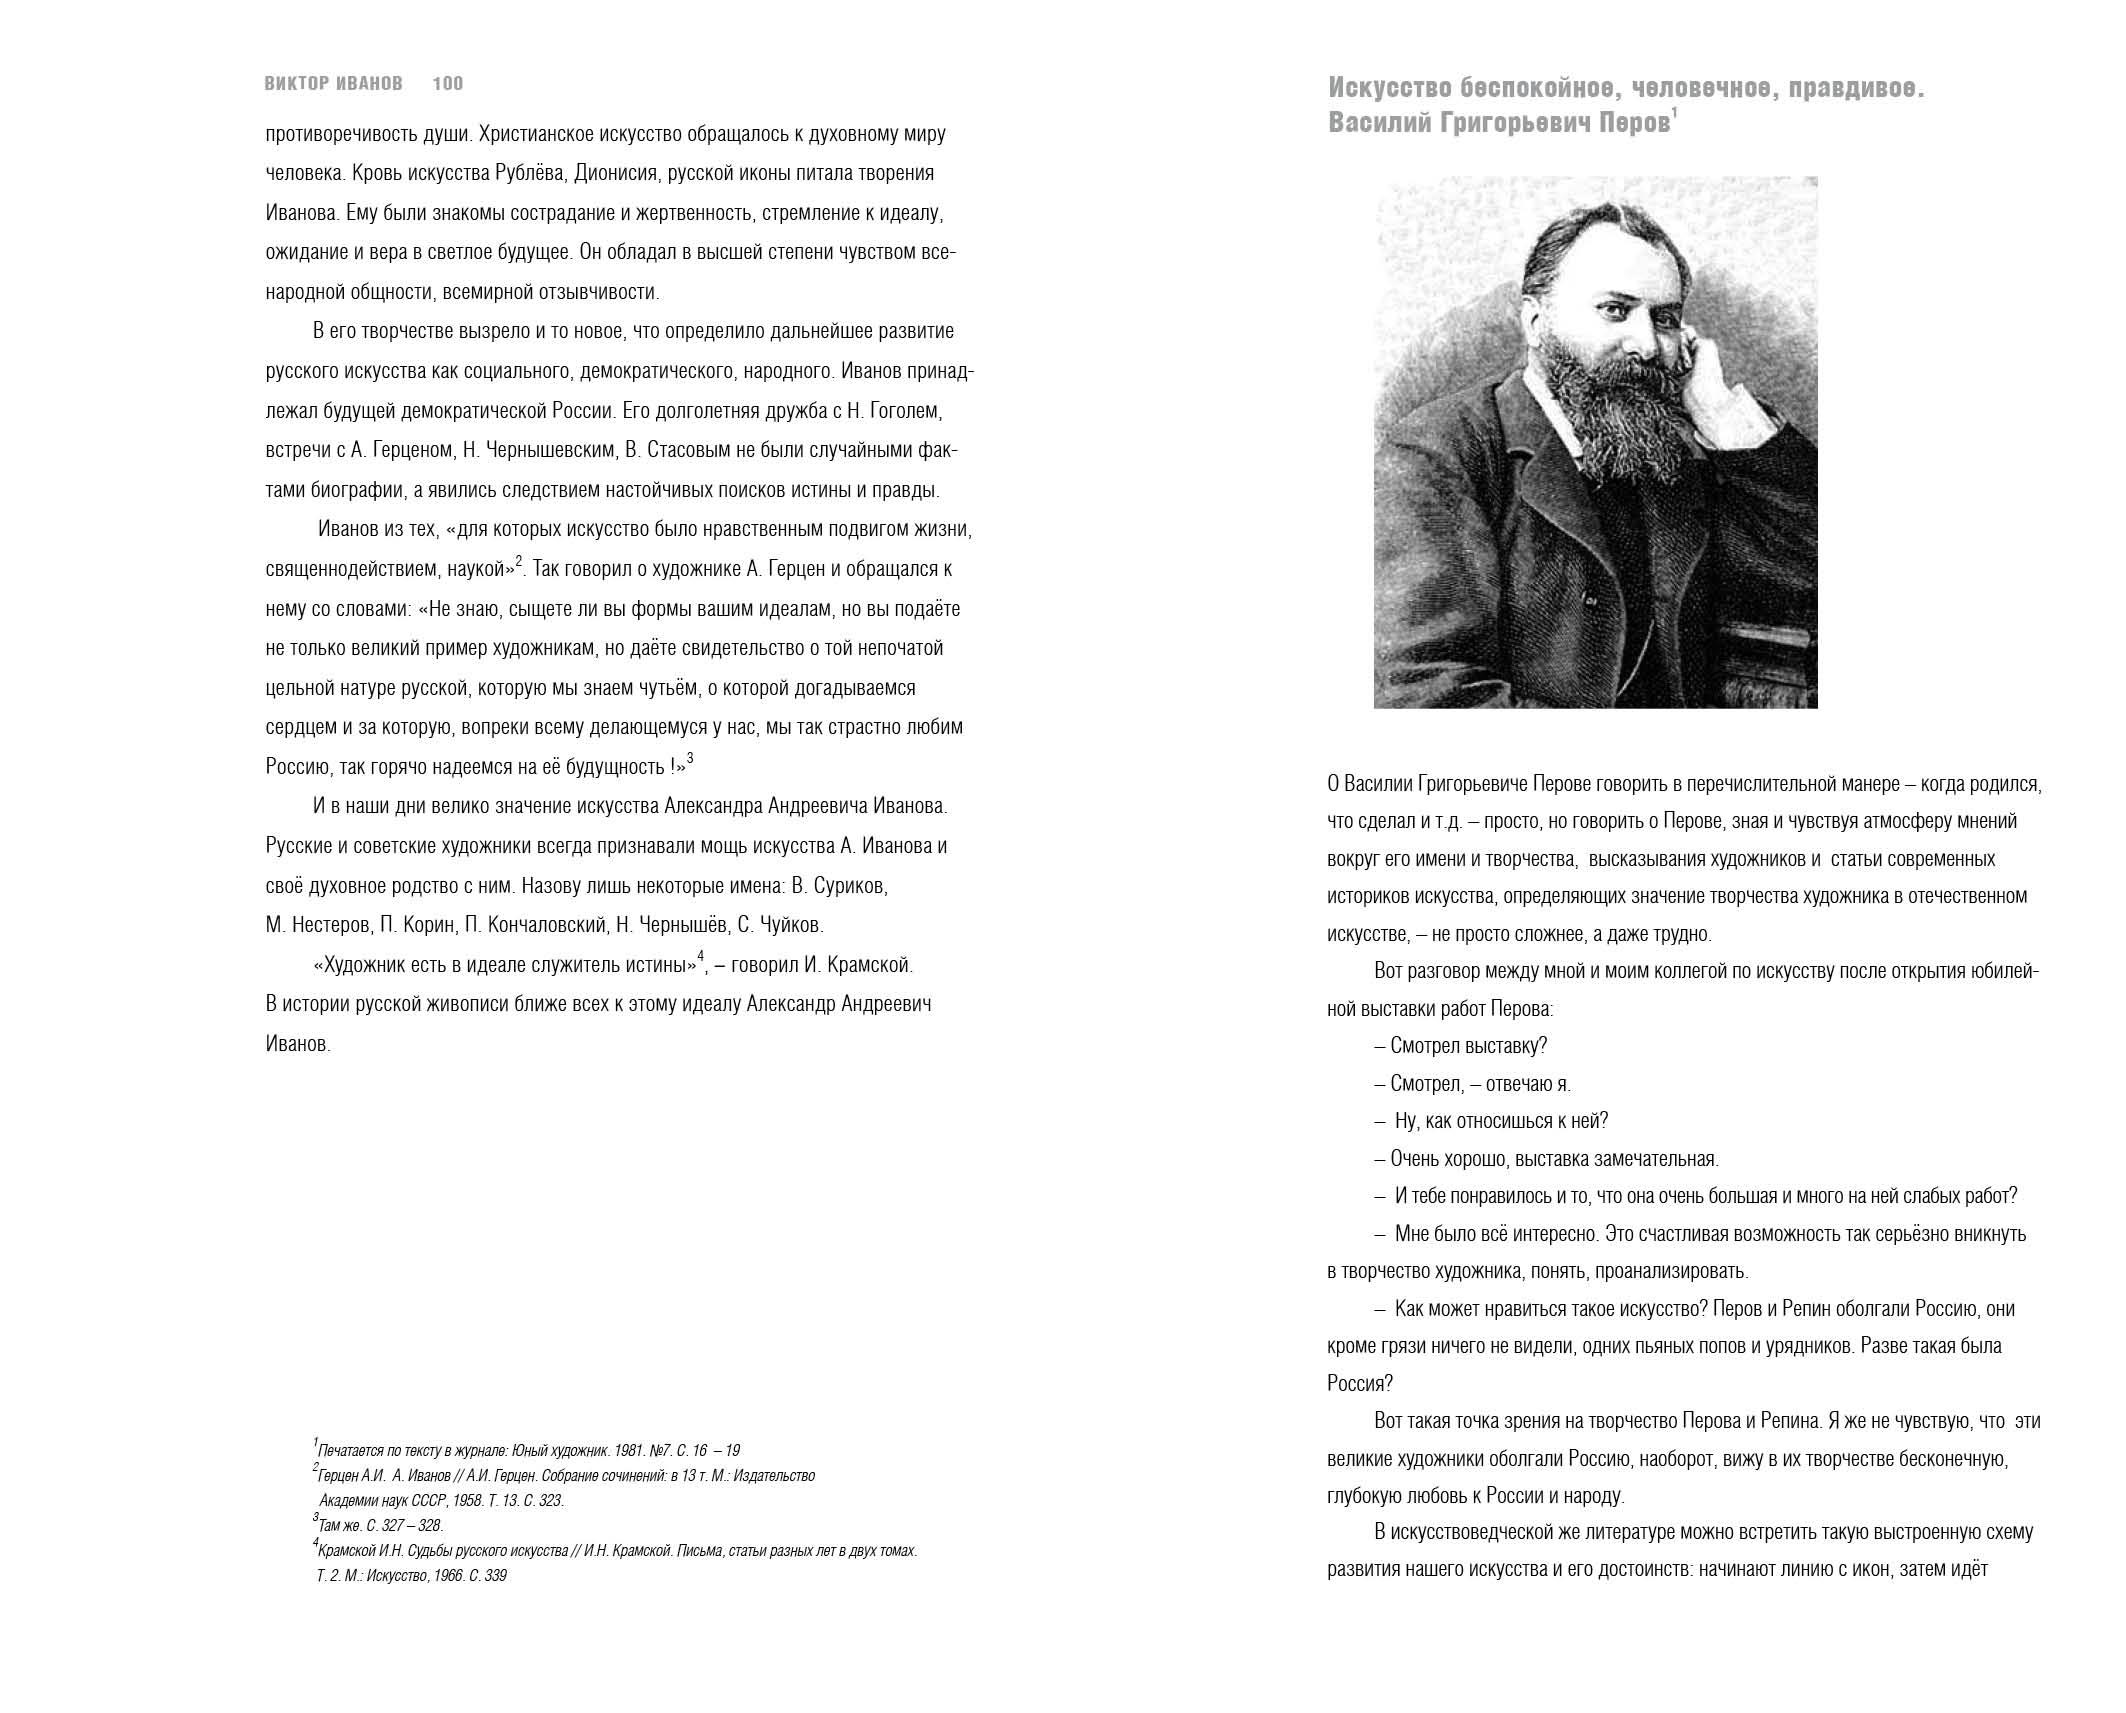 Виктор Иванов51